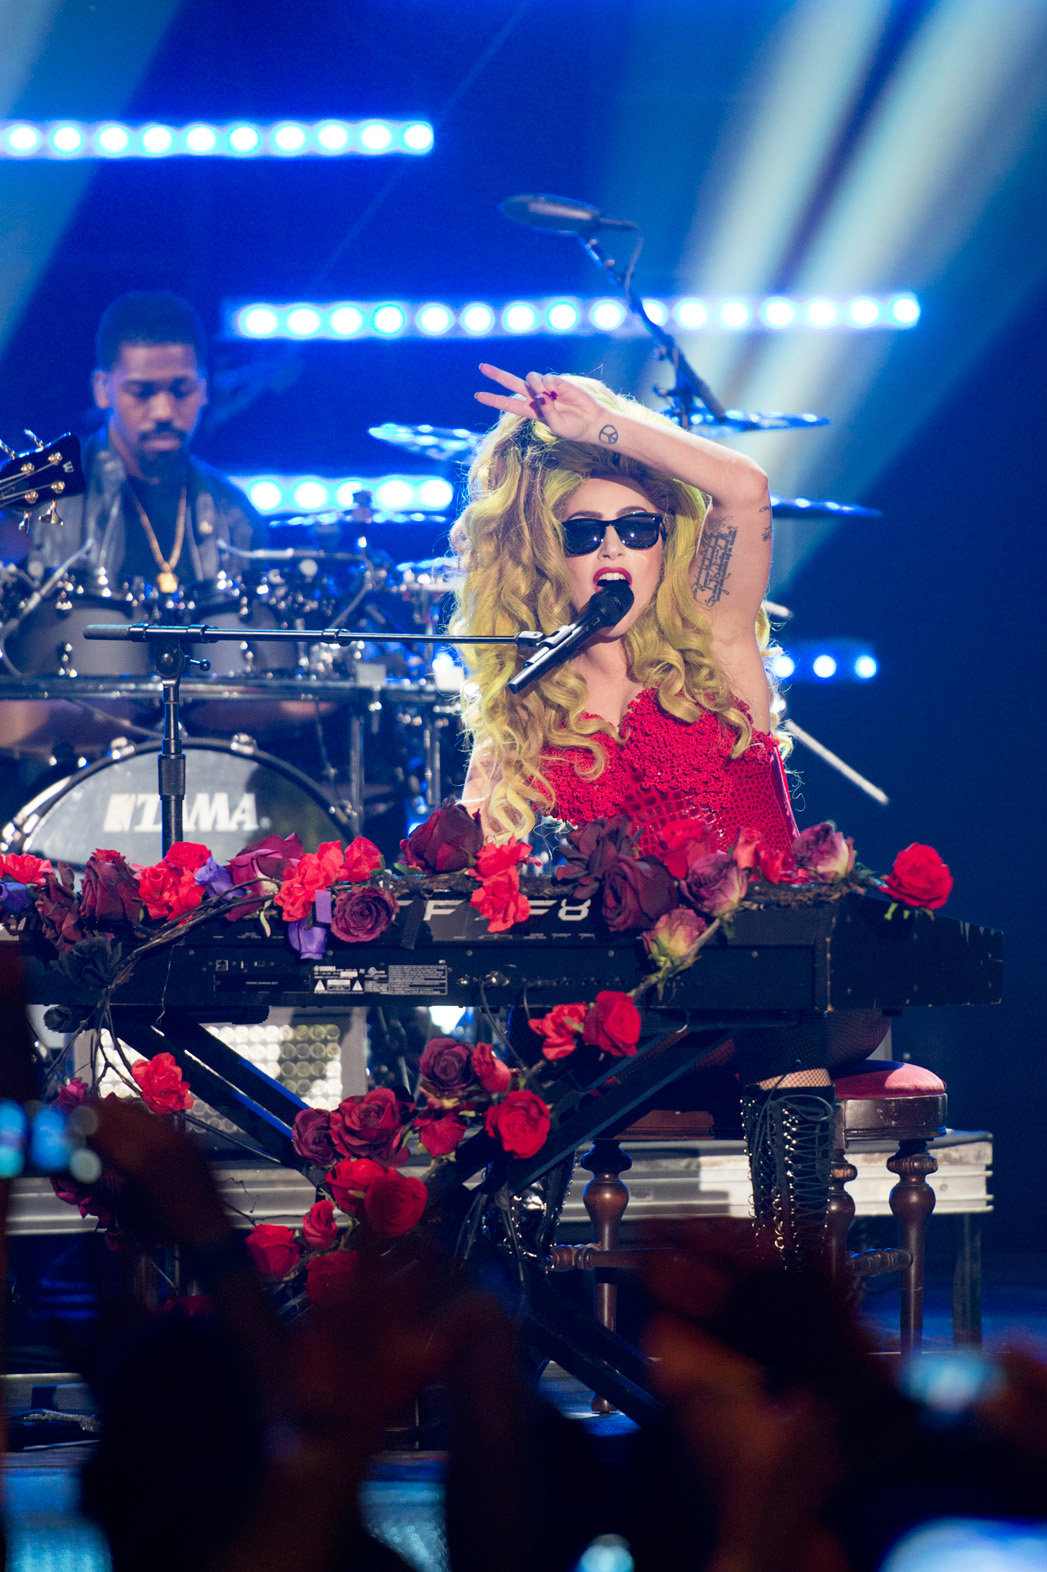 Lady Gaga Performing at Roseland Ballroom Late Night - P 2014